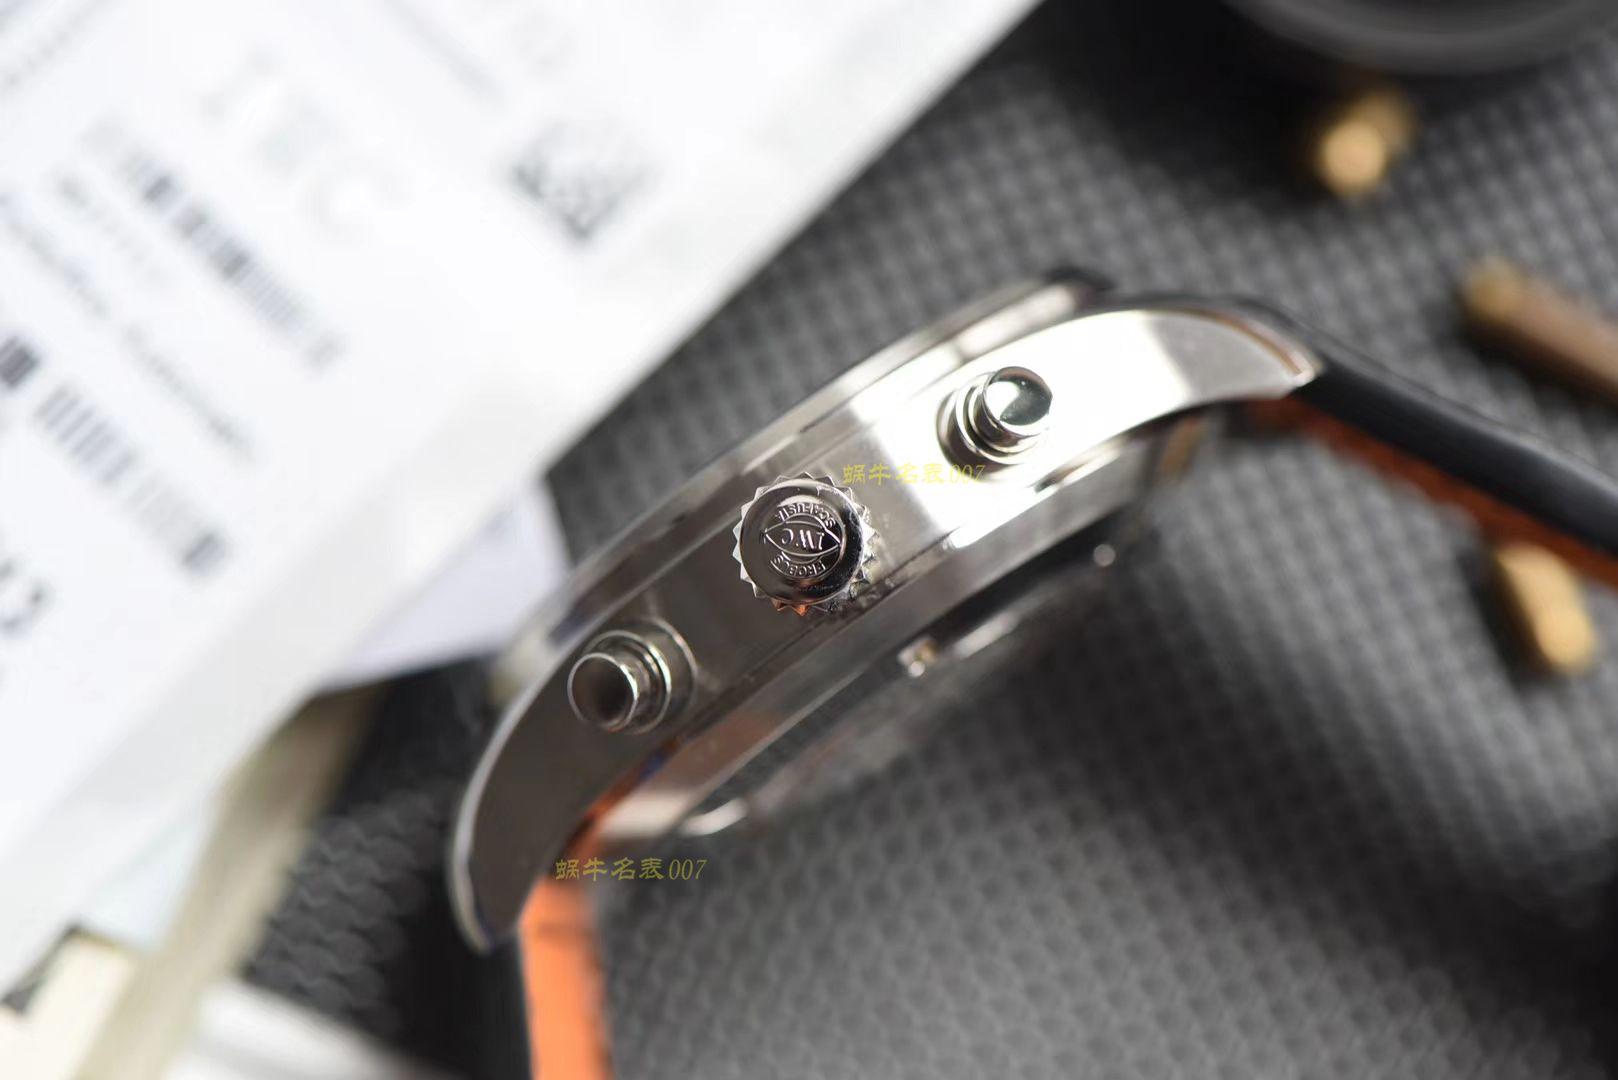 【视频评测、稀缺原单❗最新大全、安东尼特别版】IWC万国表飞行员系列IW377713腕表